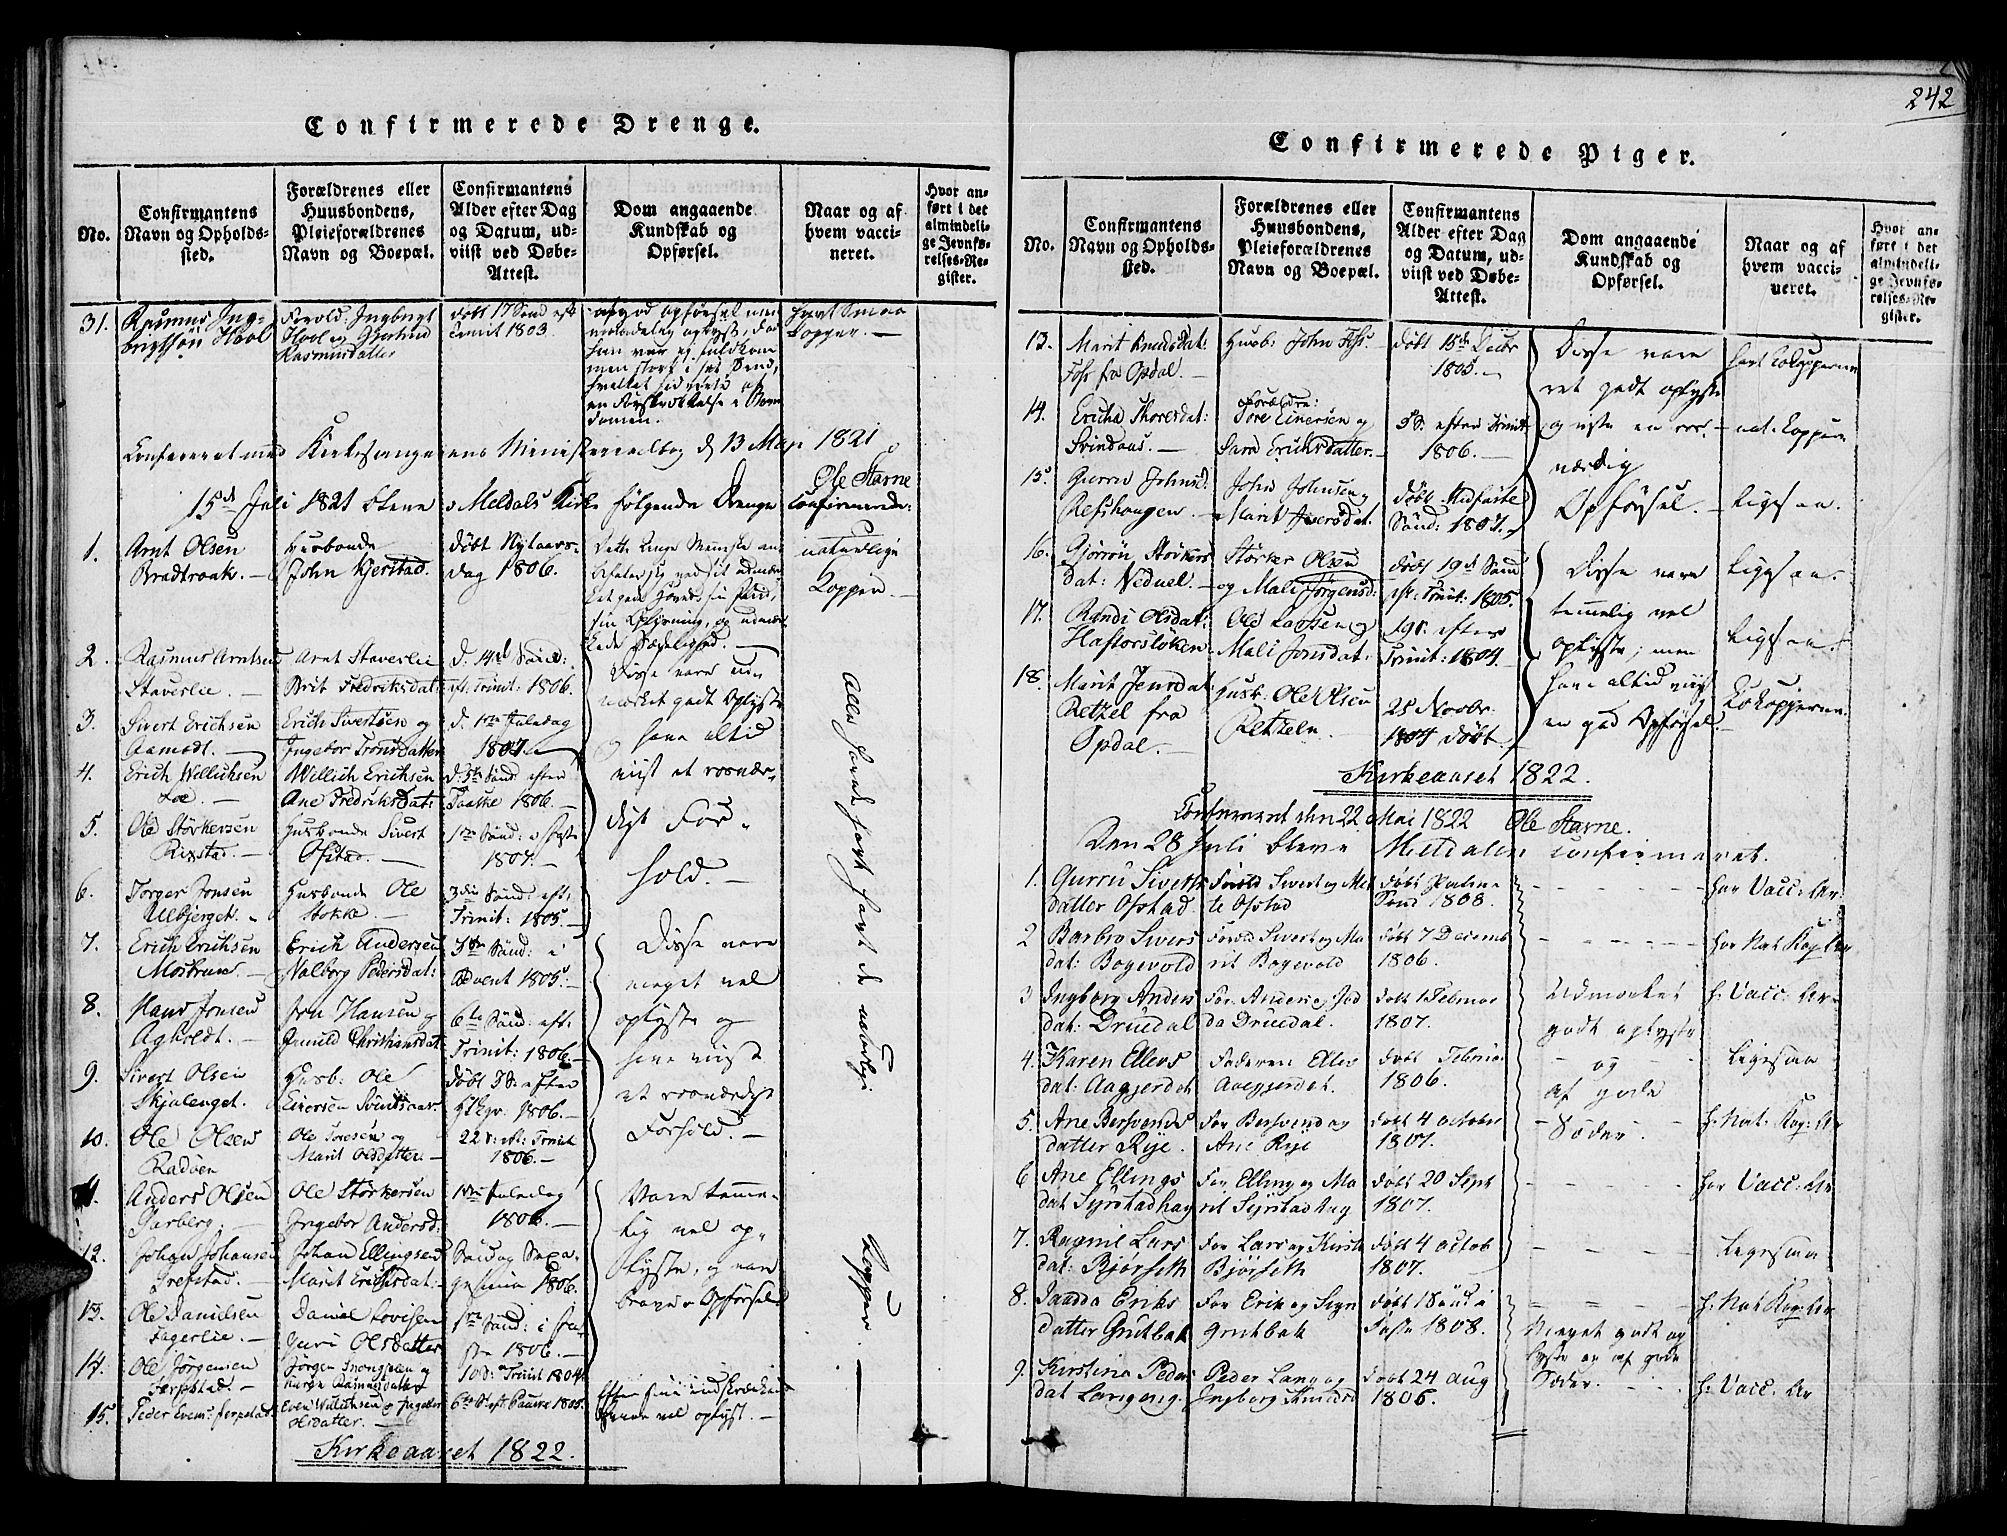 SAT, Ministerialprotokoller, klokkerbøker og fødselsregistre - Sør-Trøndelag, 672/L0853: Ministerialbok nr. 672A06 /1, 1816-1829, s. 242